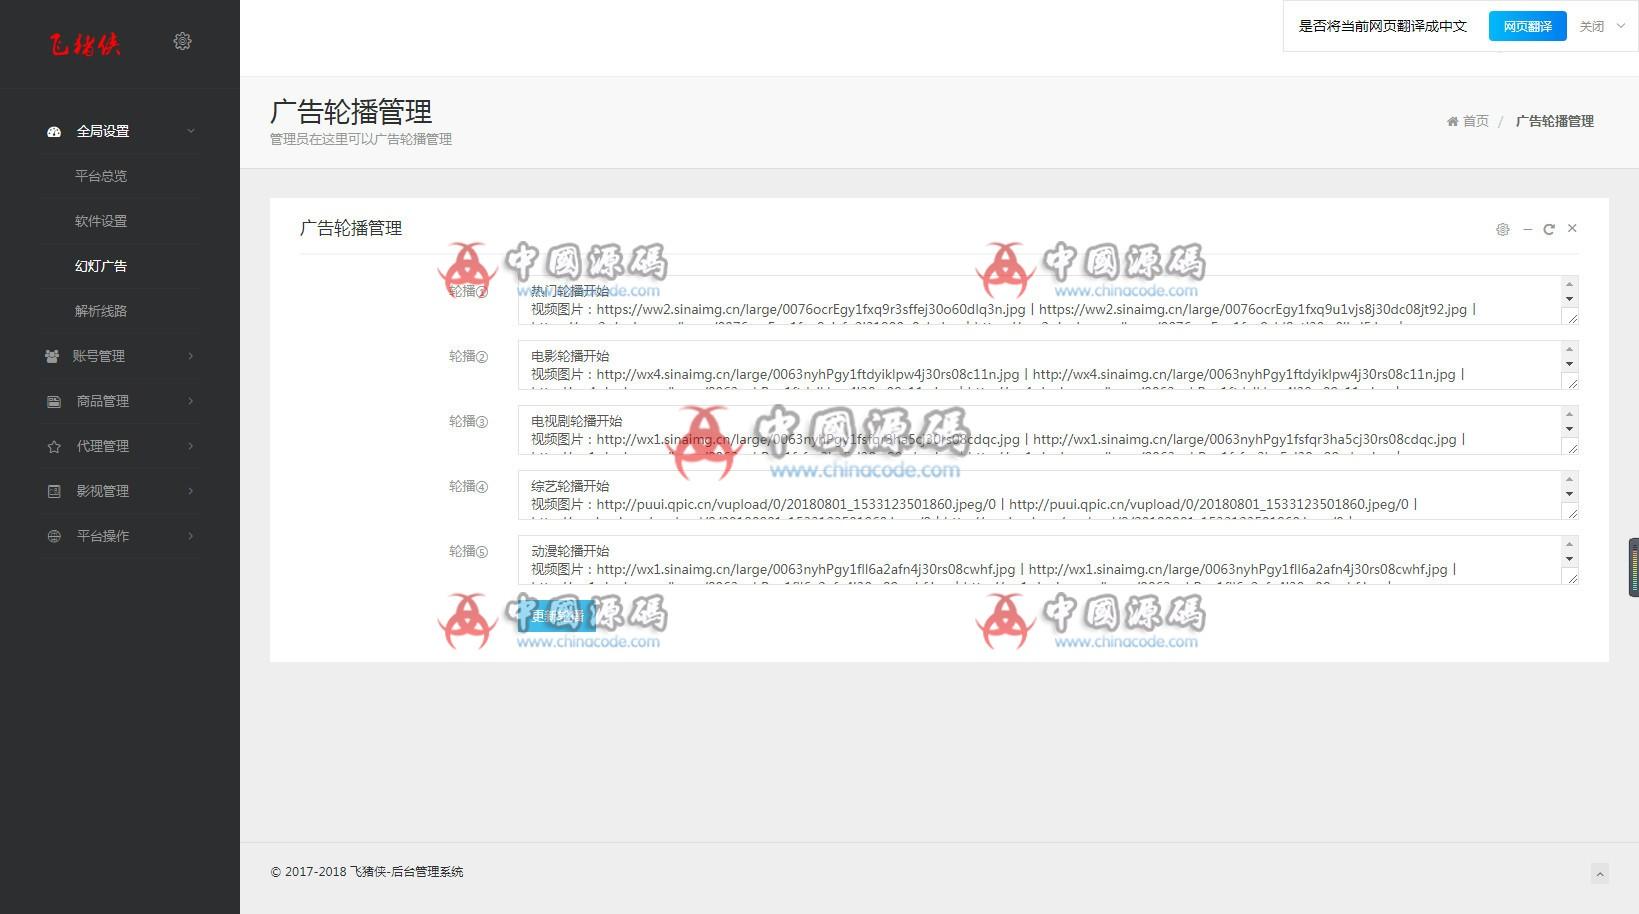 最新熊猫视频乐享运营版影视e4a源码+全套类库+支持全面屏 网站-第4张